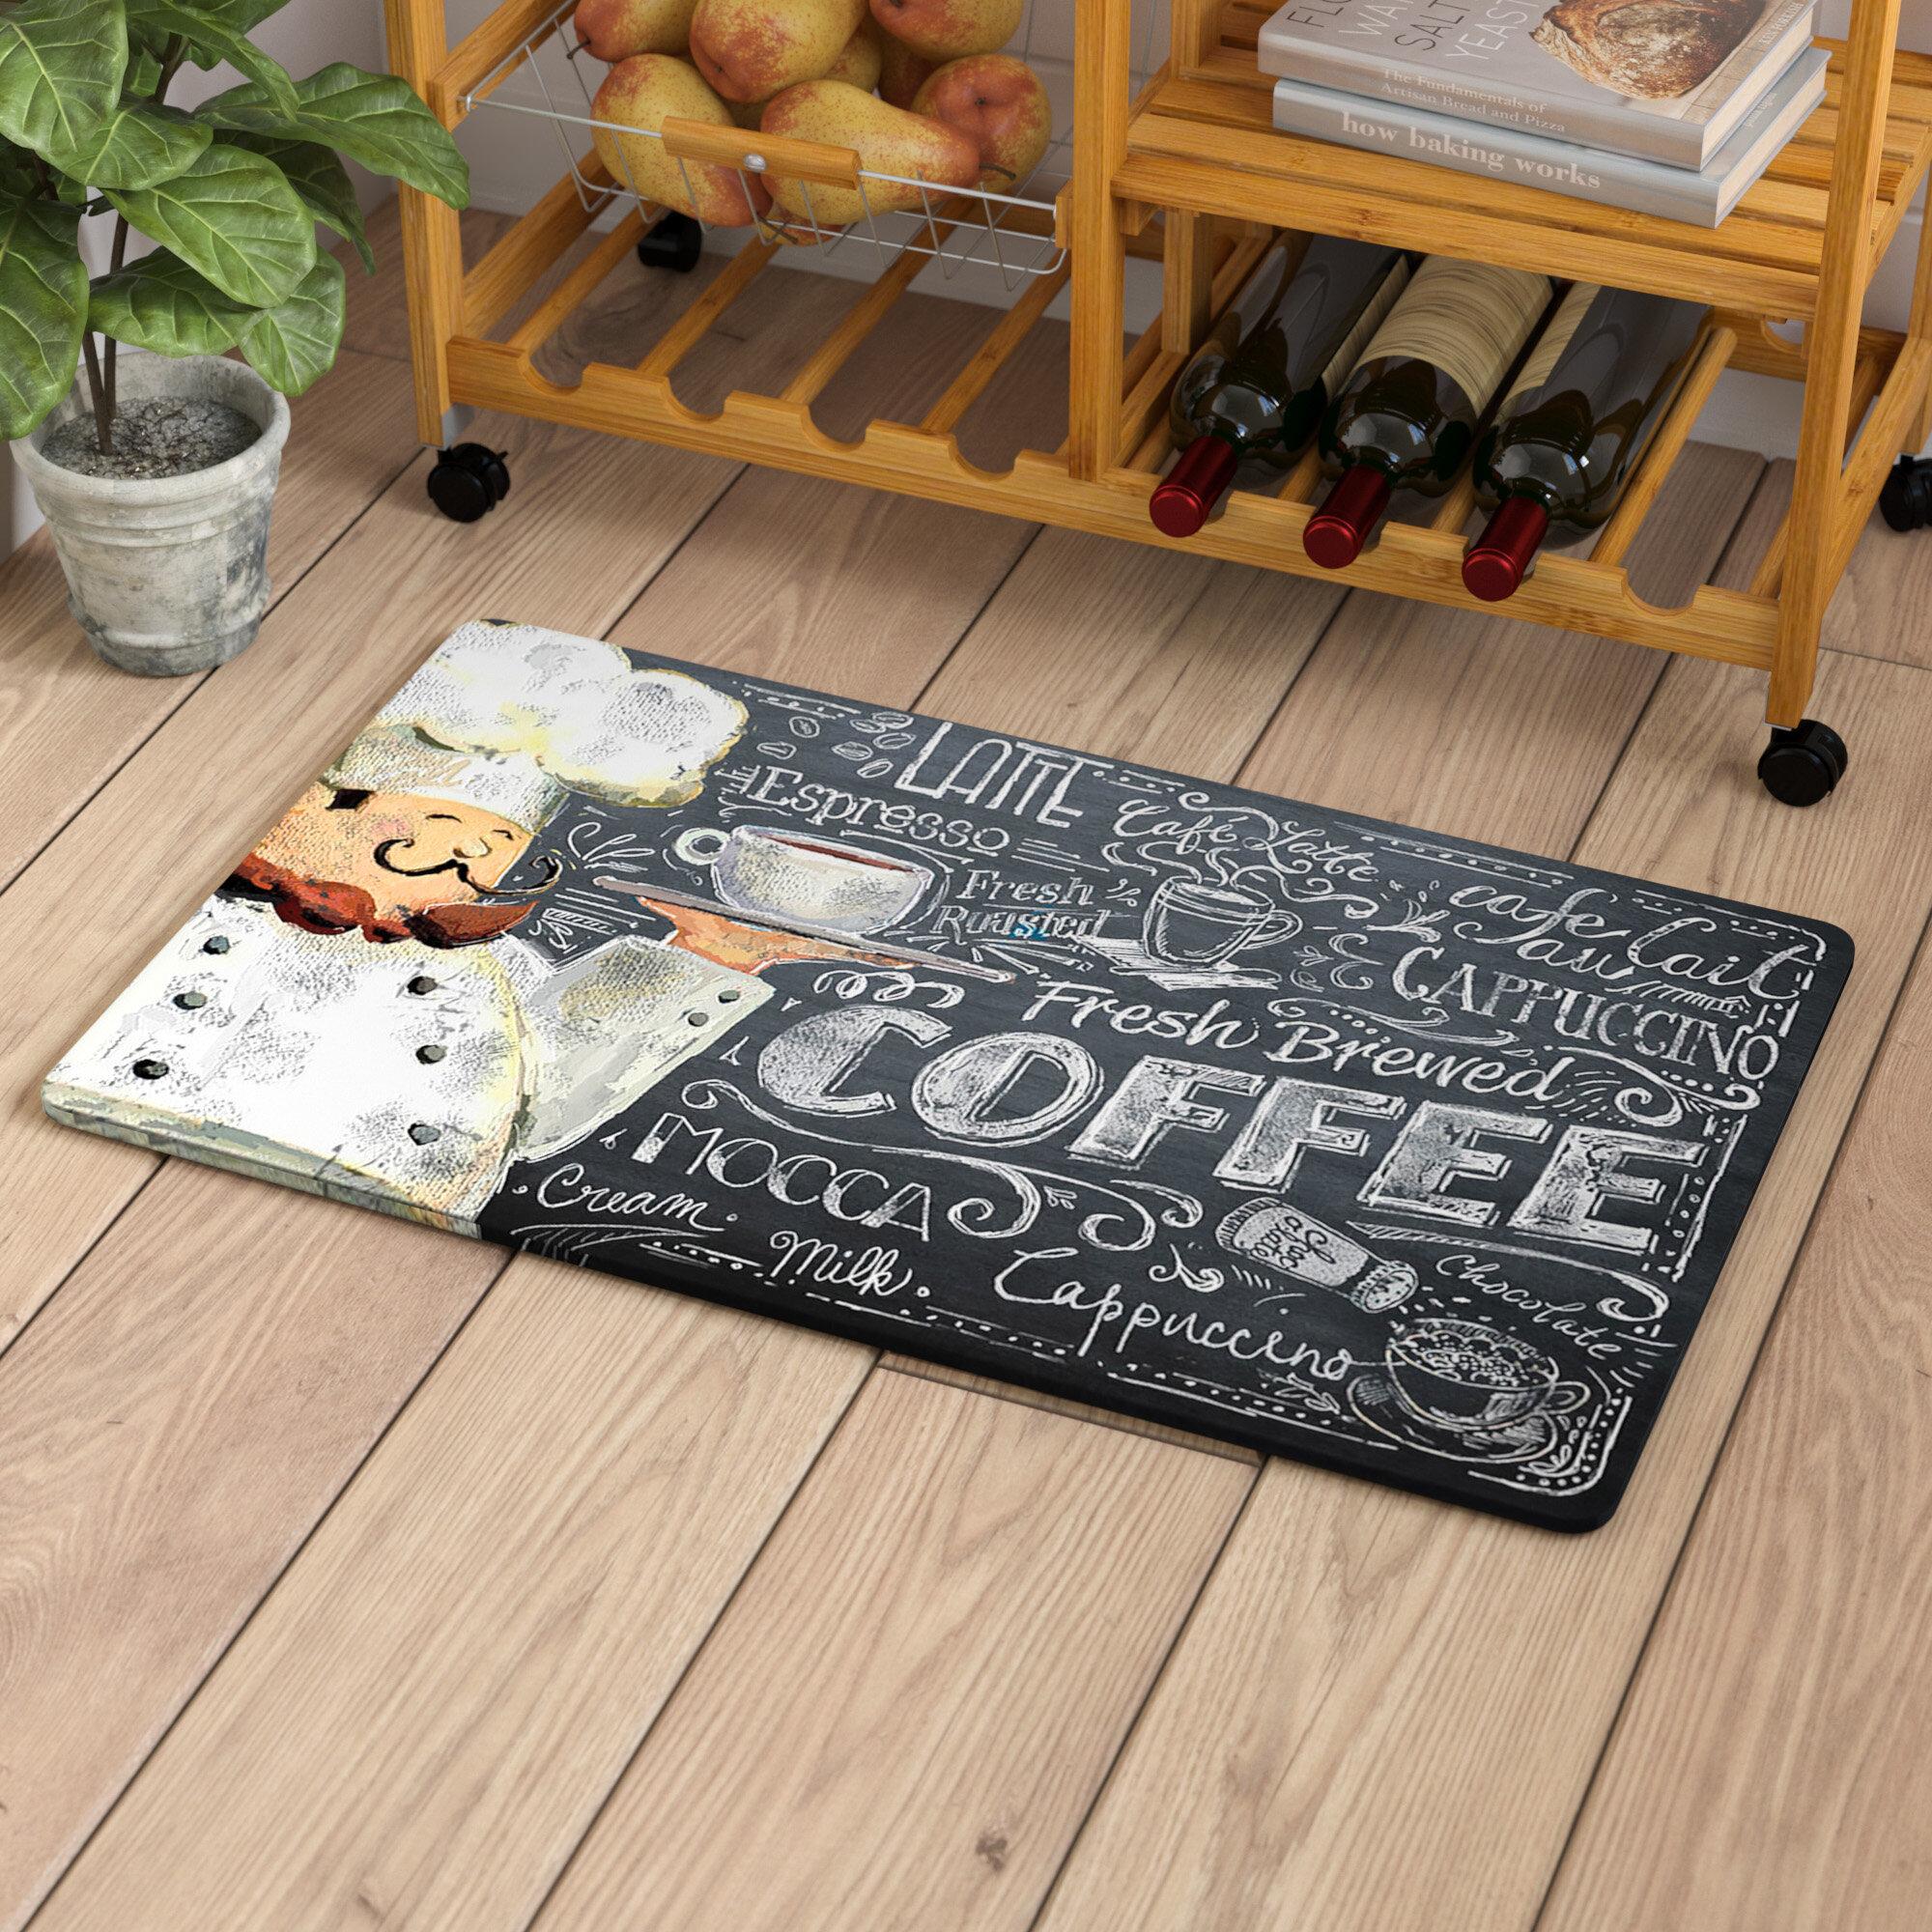 runner rubber mat wayfair reviews modern mats rugs brayden weather pdx oberle all studio kitchen